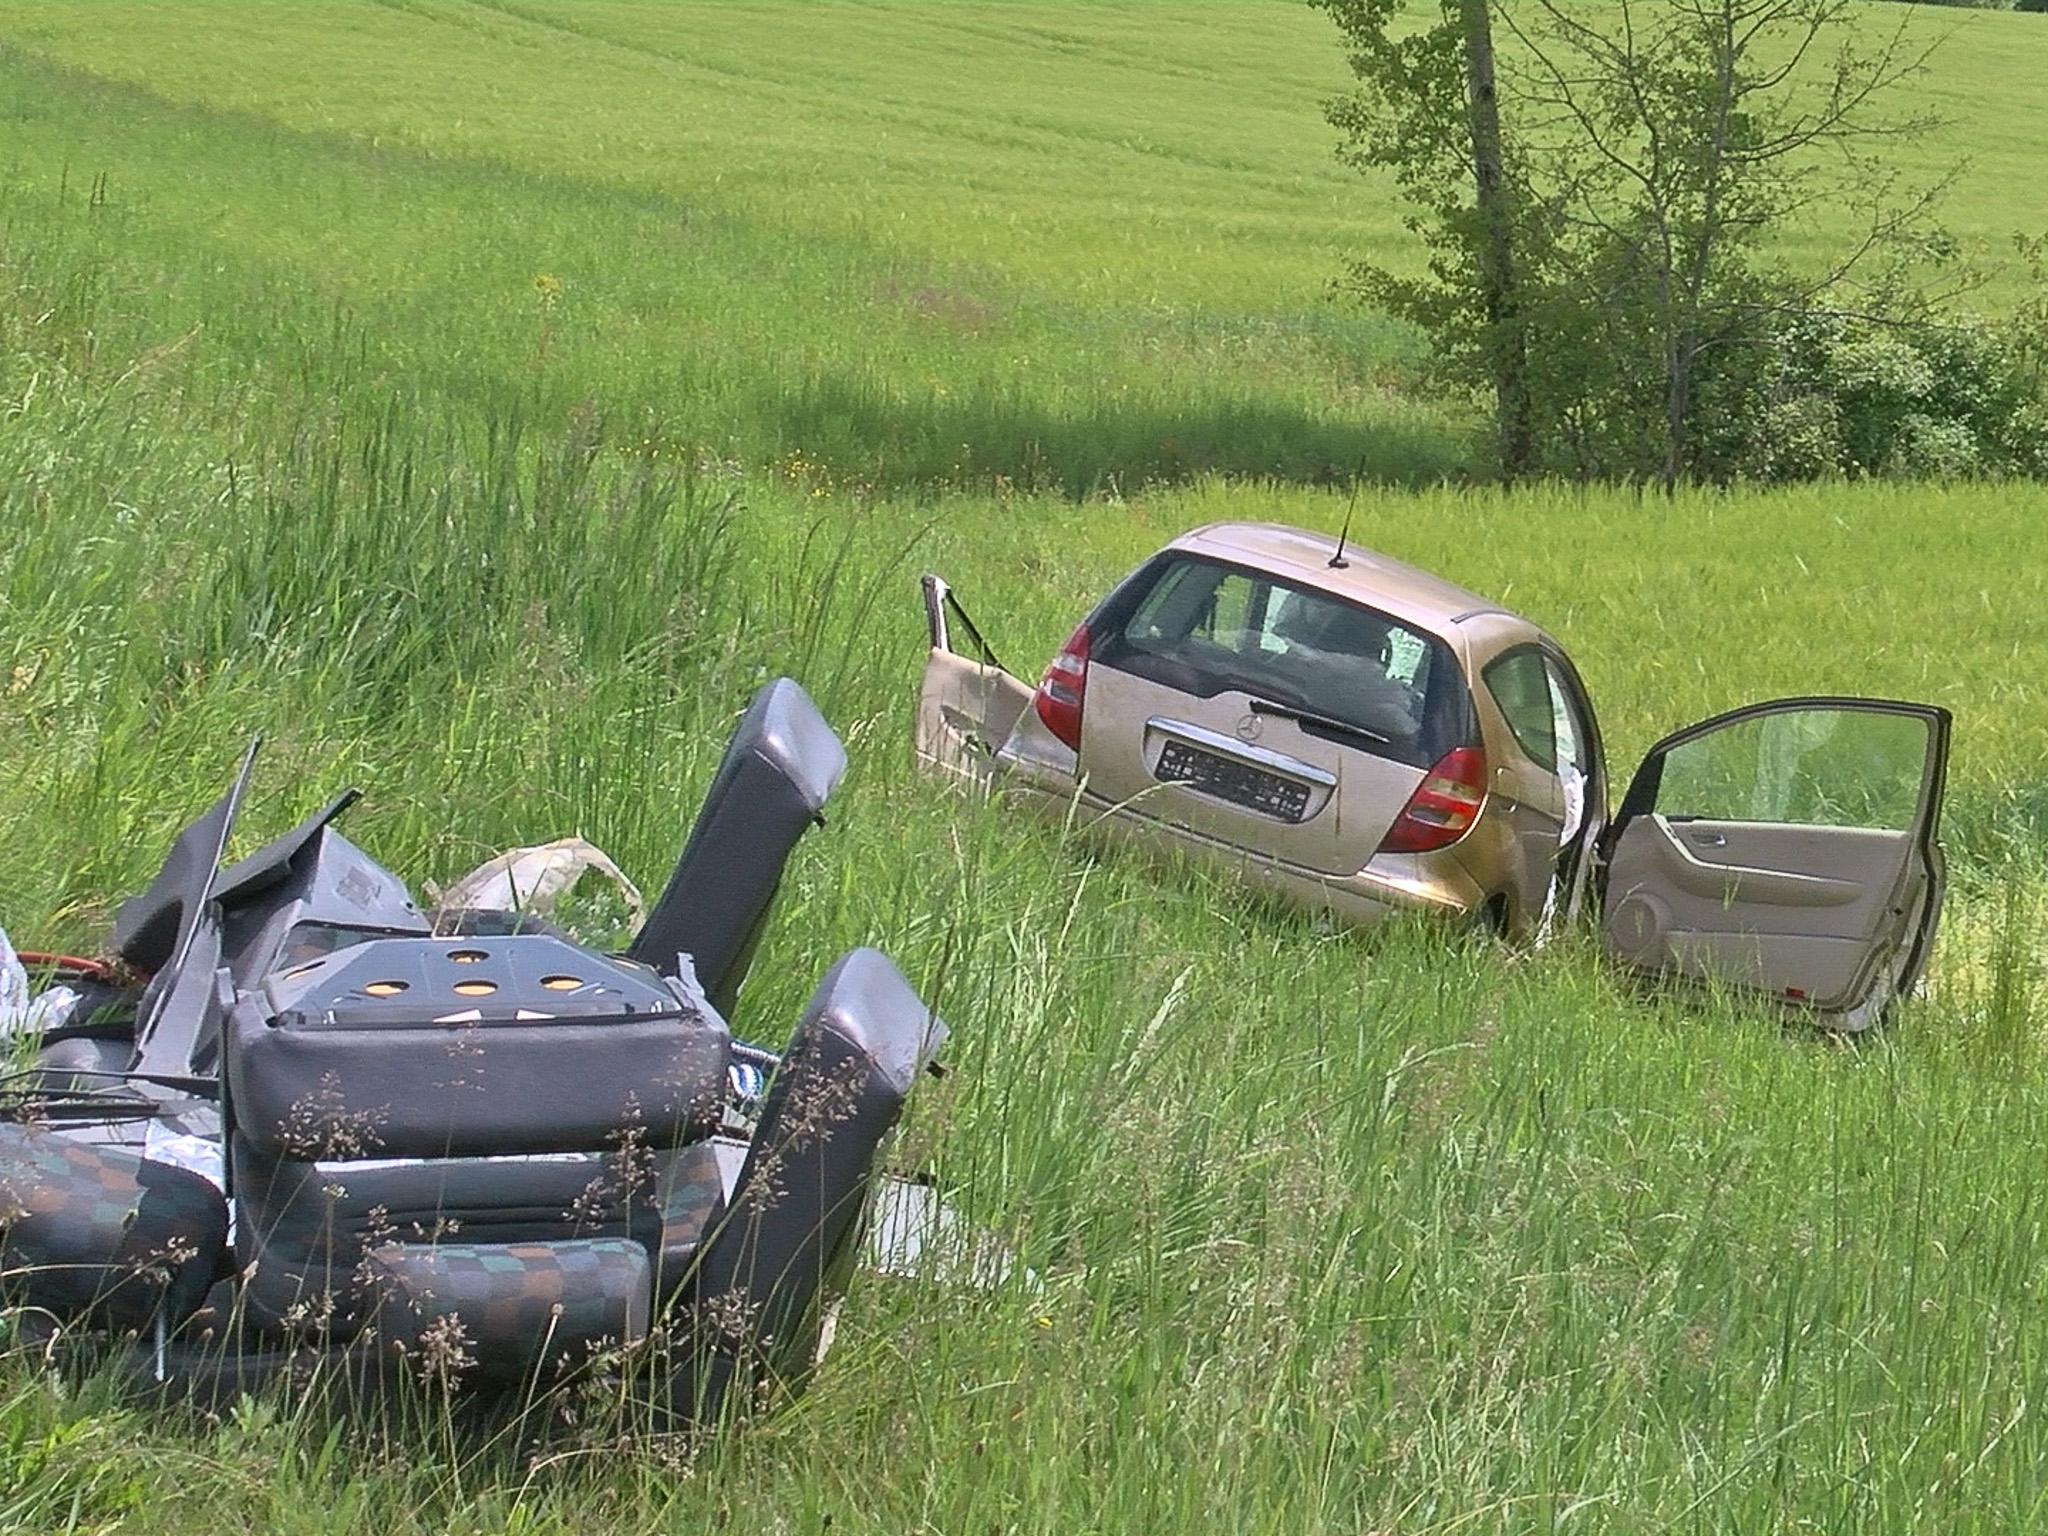 Der Mercedes des Unfallverursachers, der noch an der Unfallstelle verstarb, wurde von der Fahrbahn geschleudert. Foto: Pascal Höfig